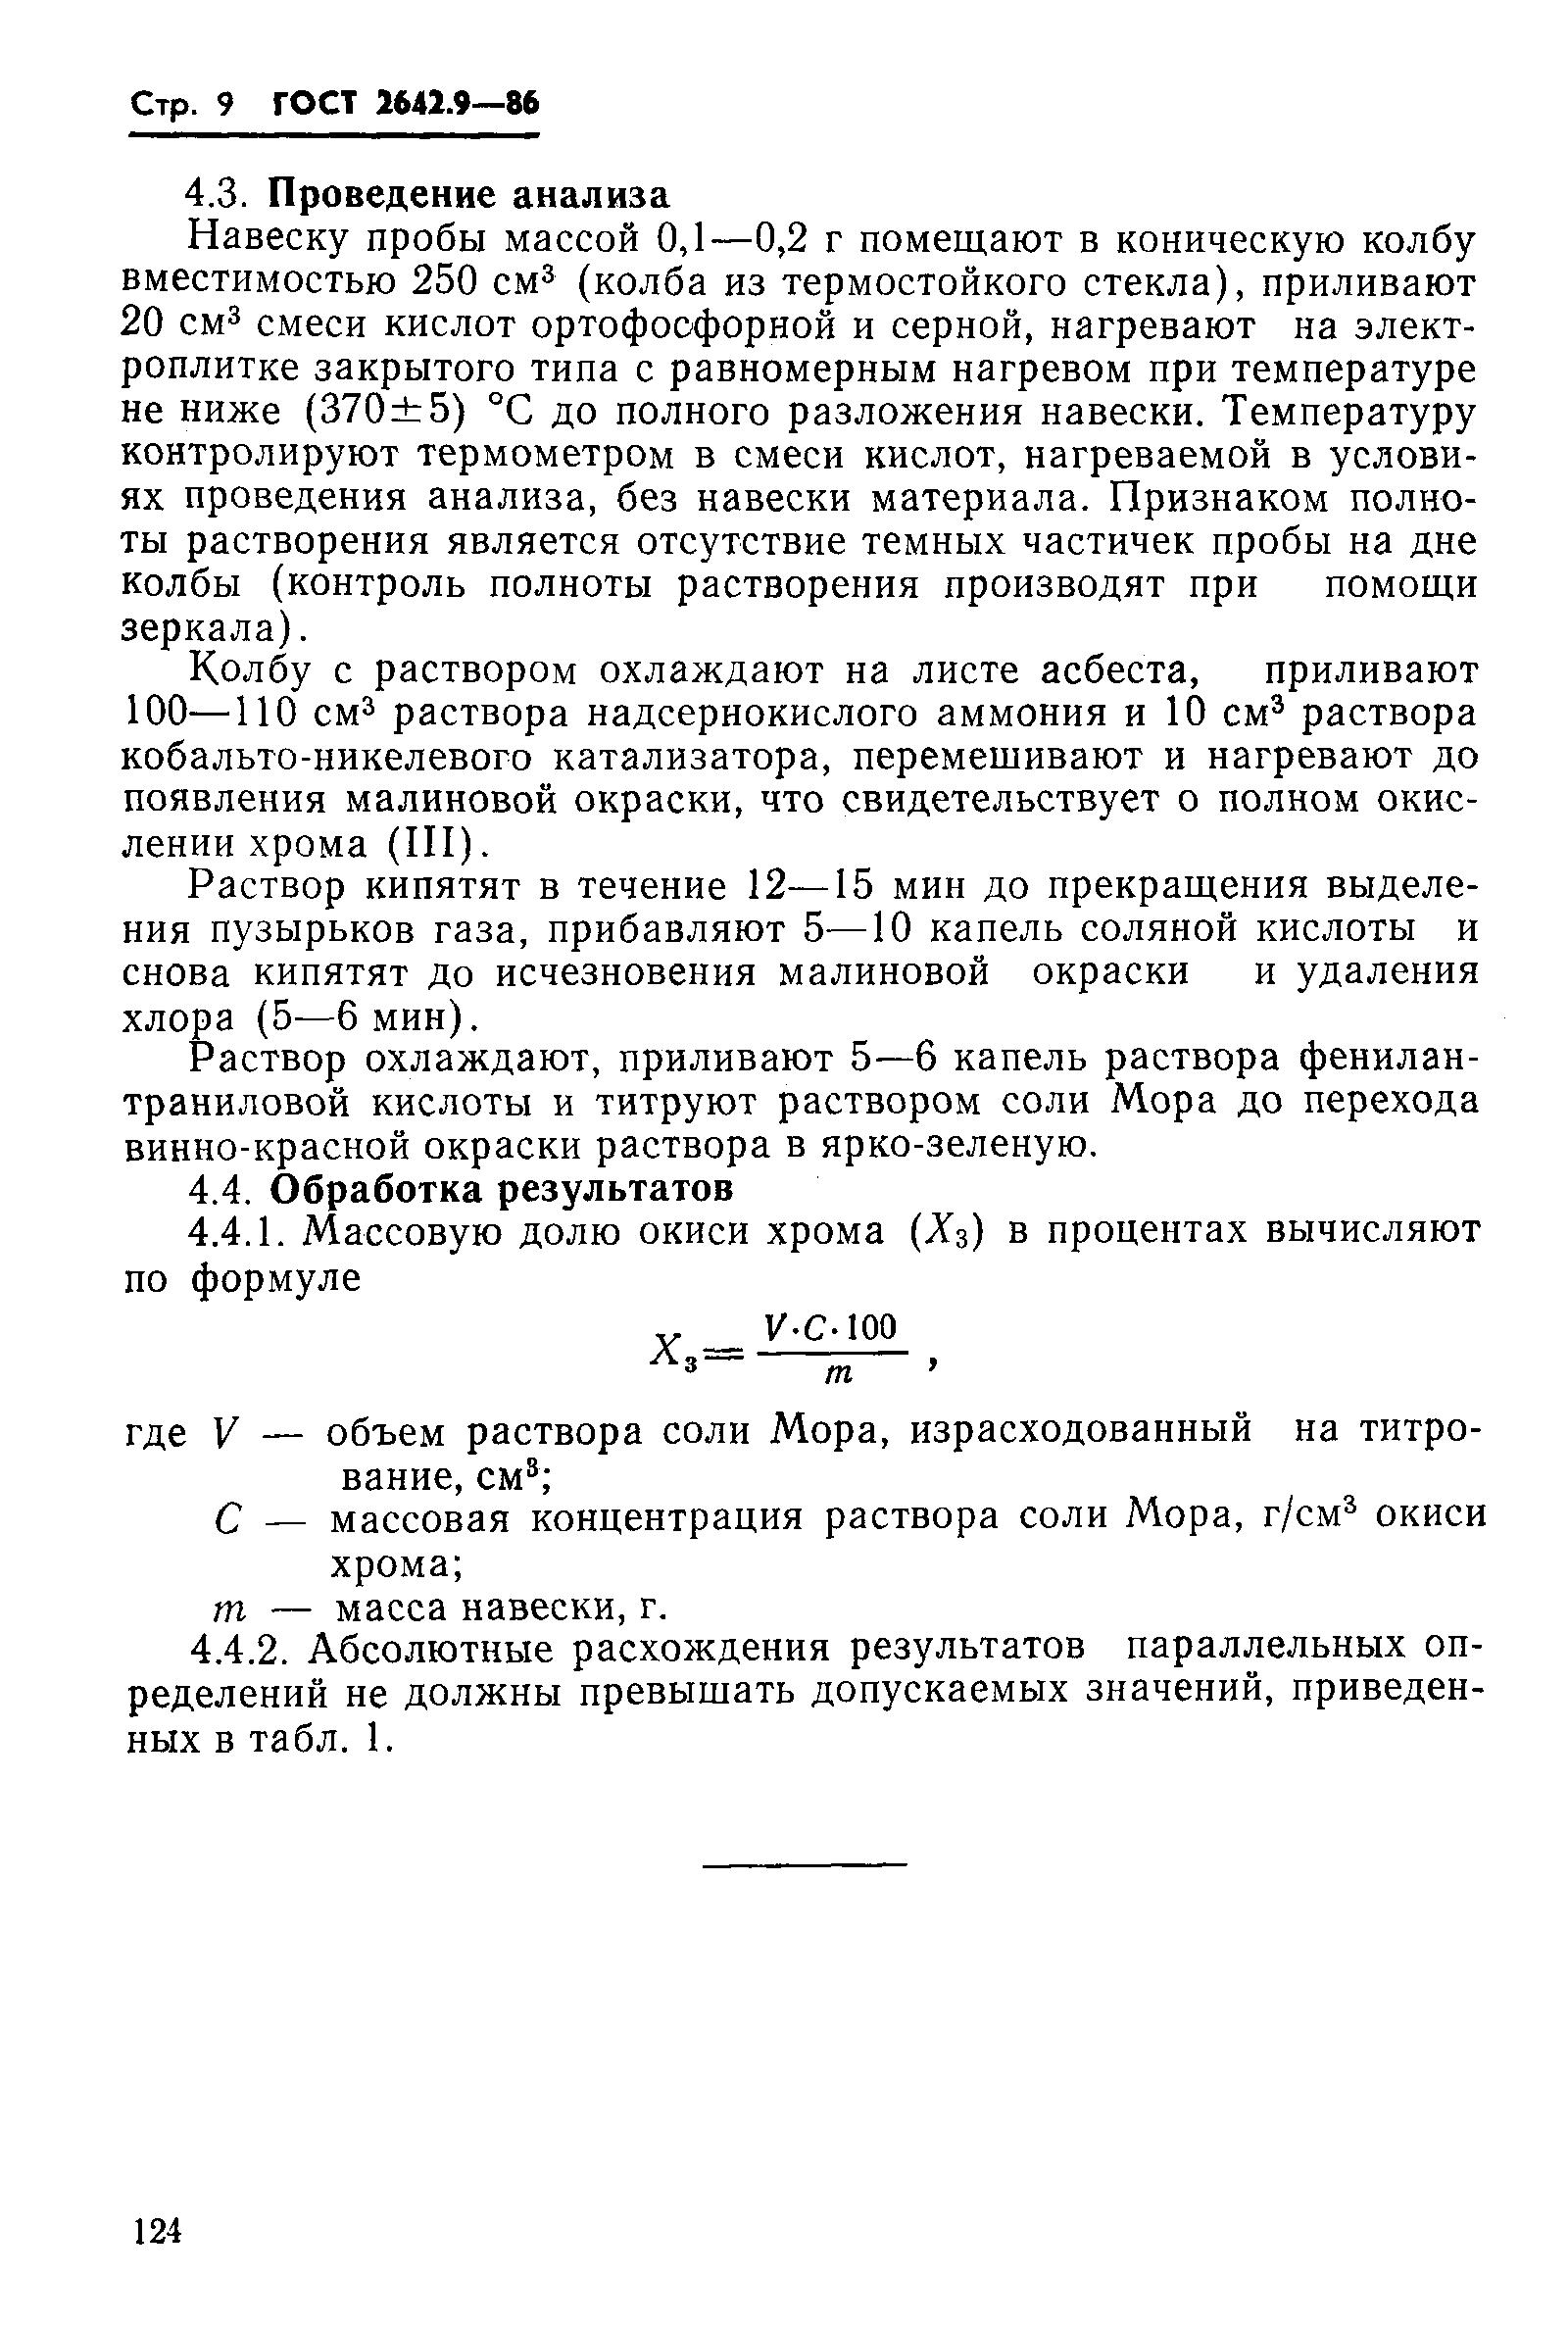 ГОСТ 2642.9-86. Страница 9